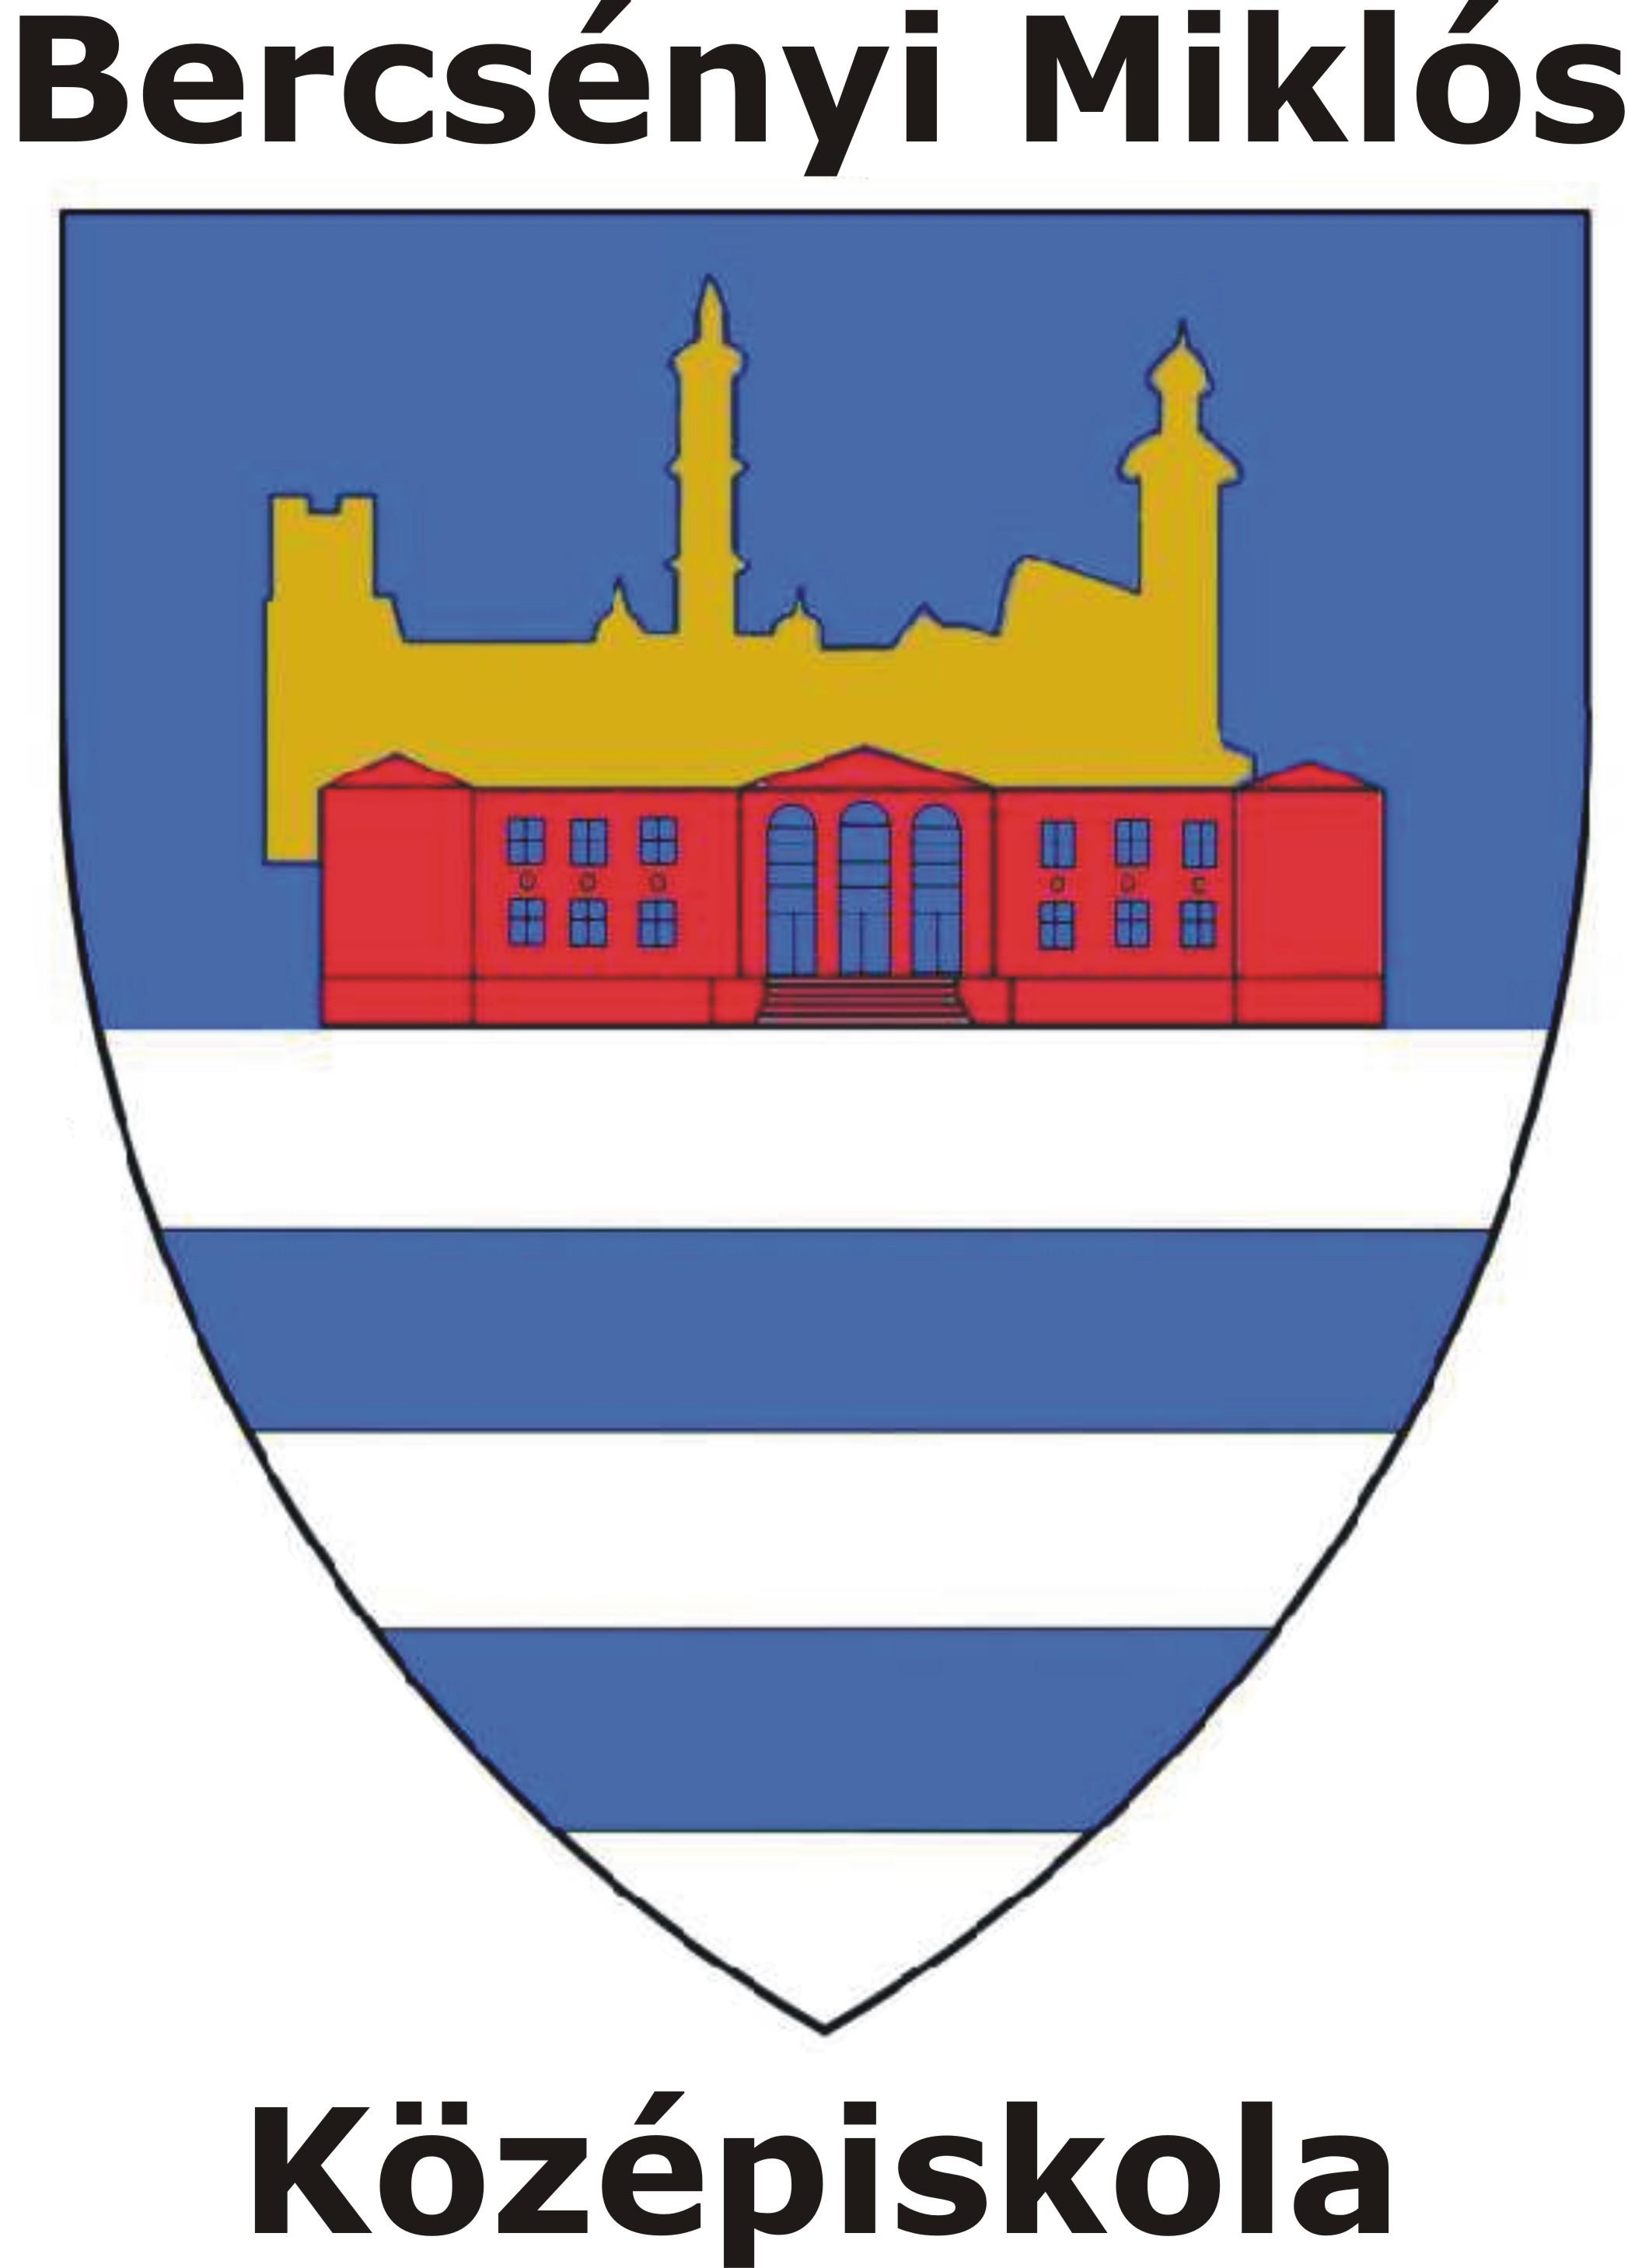 Bercsényi Miklós